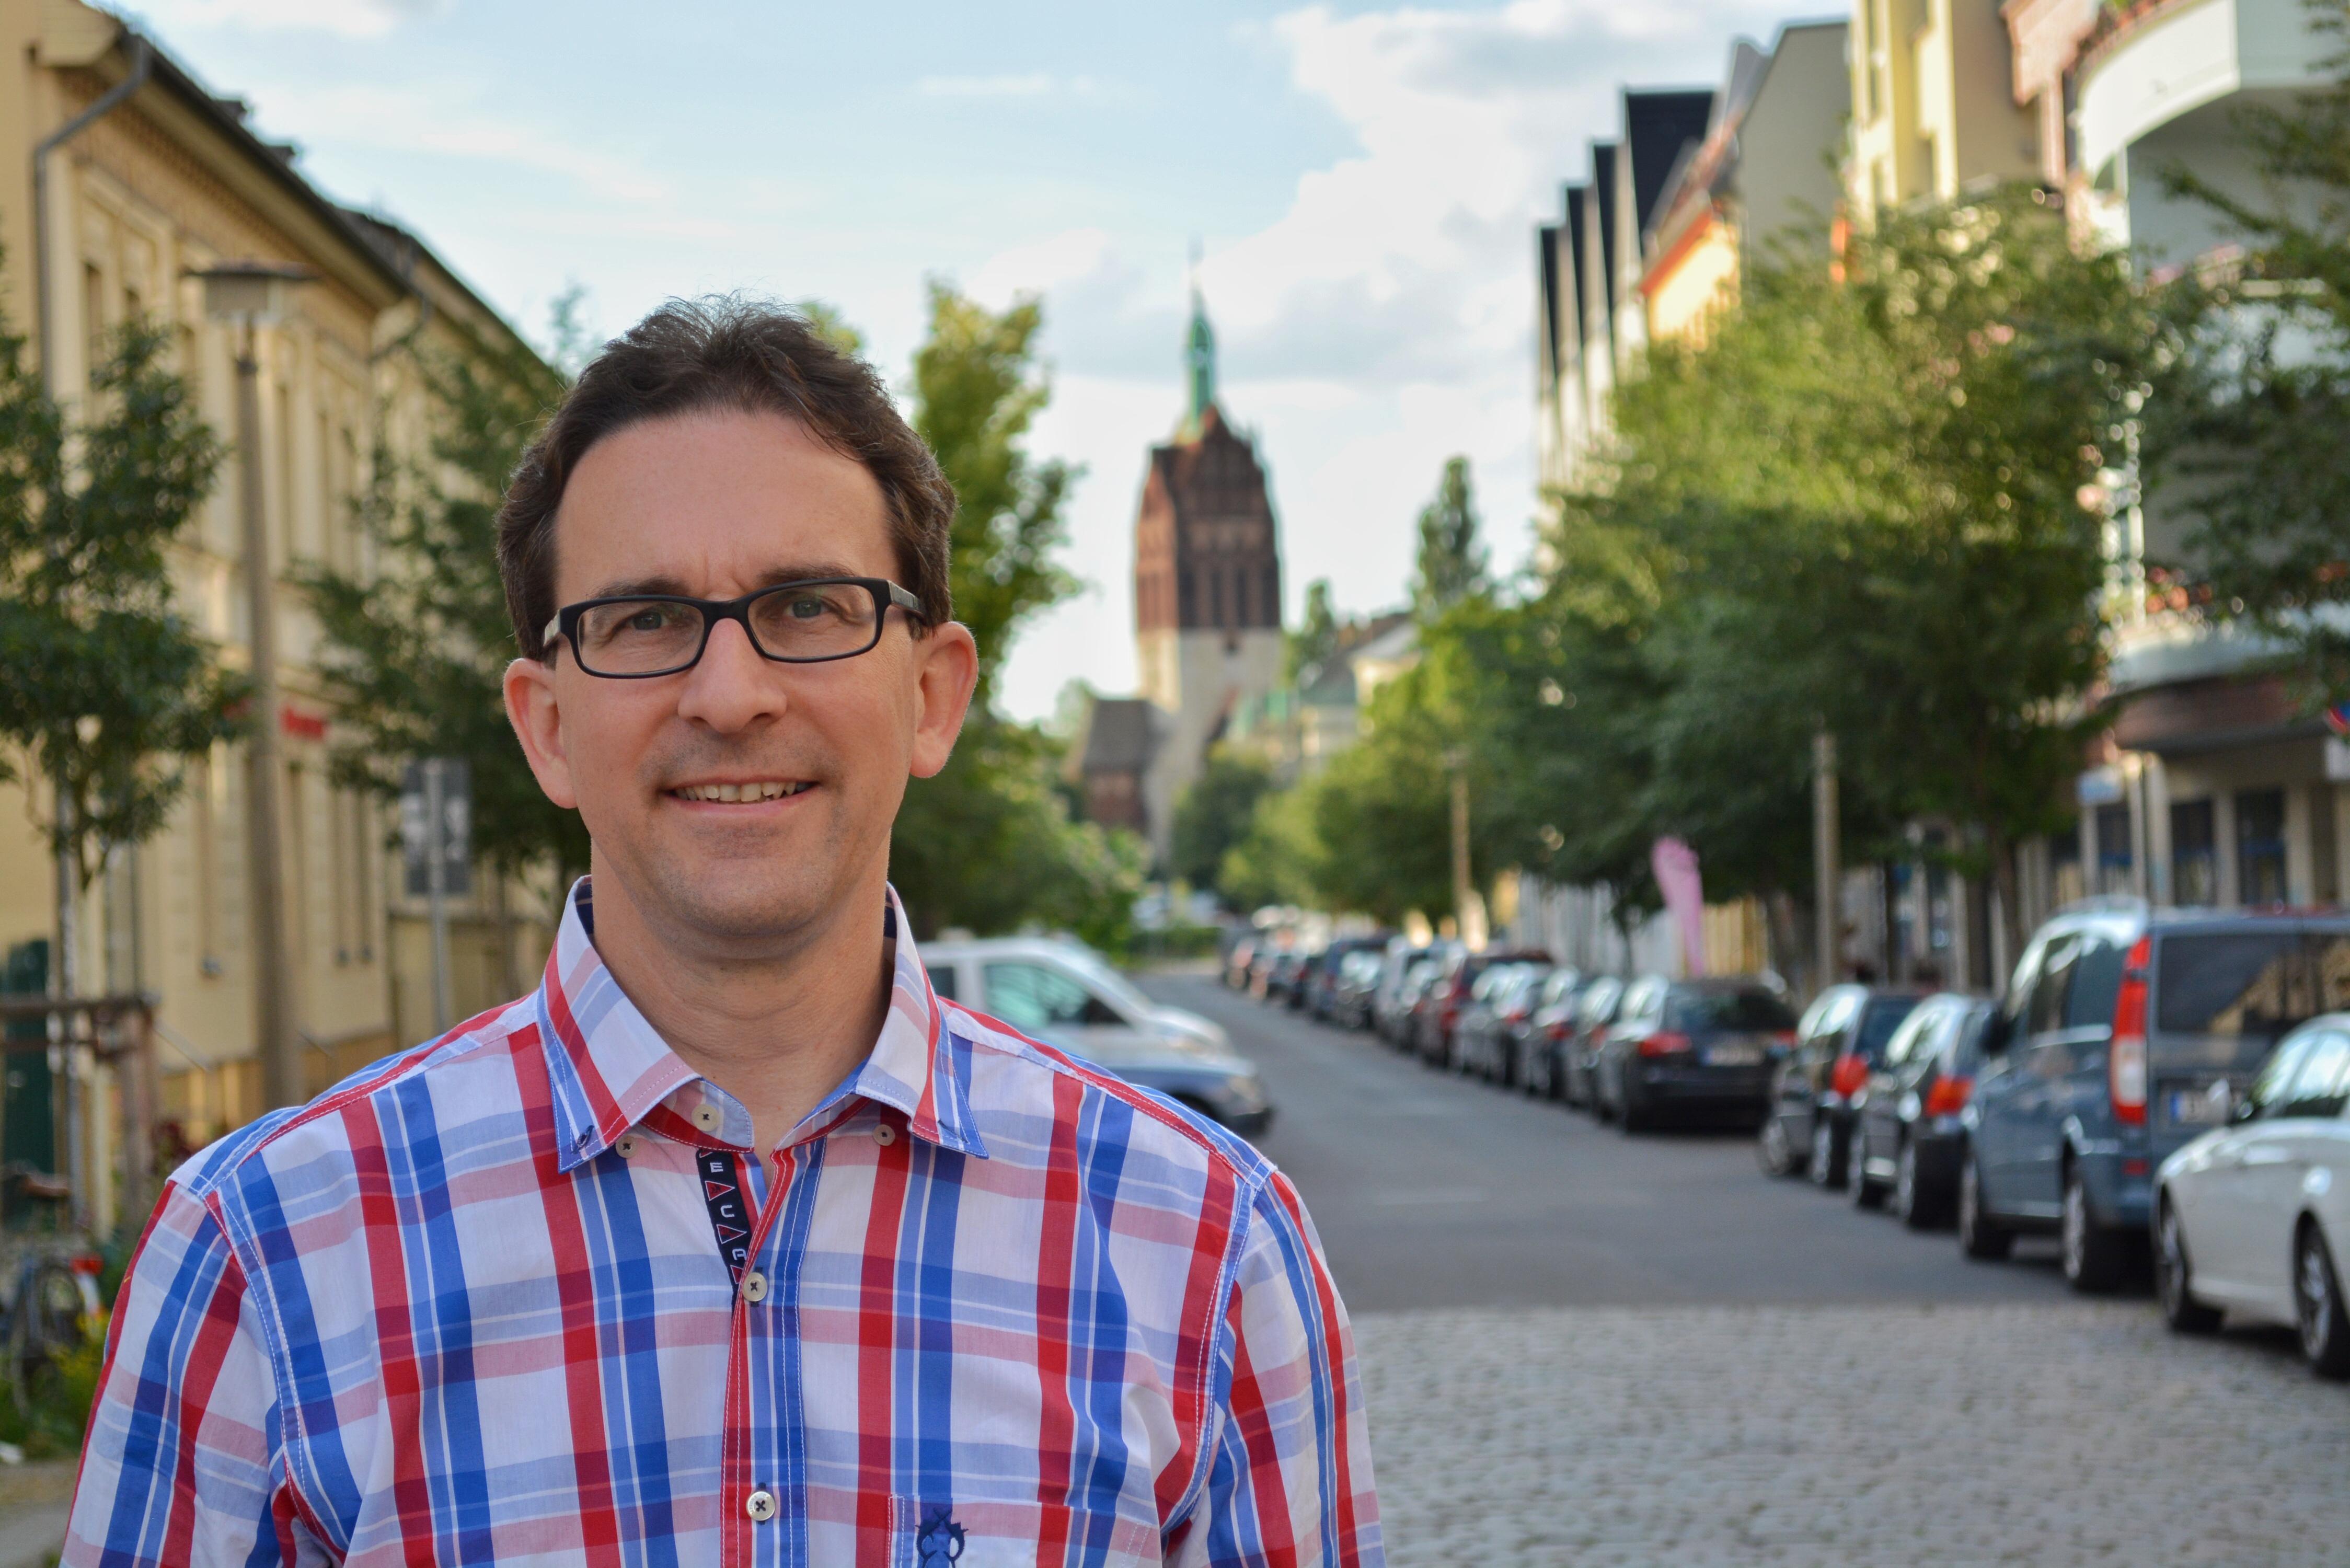 Wahlen 2016: Frollein fragt Herrn Swyter